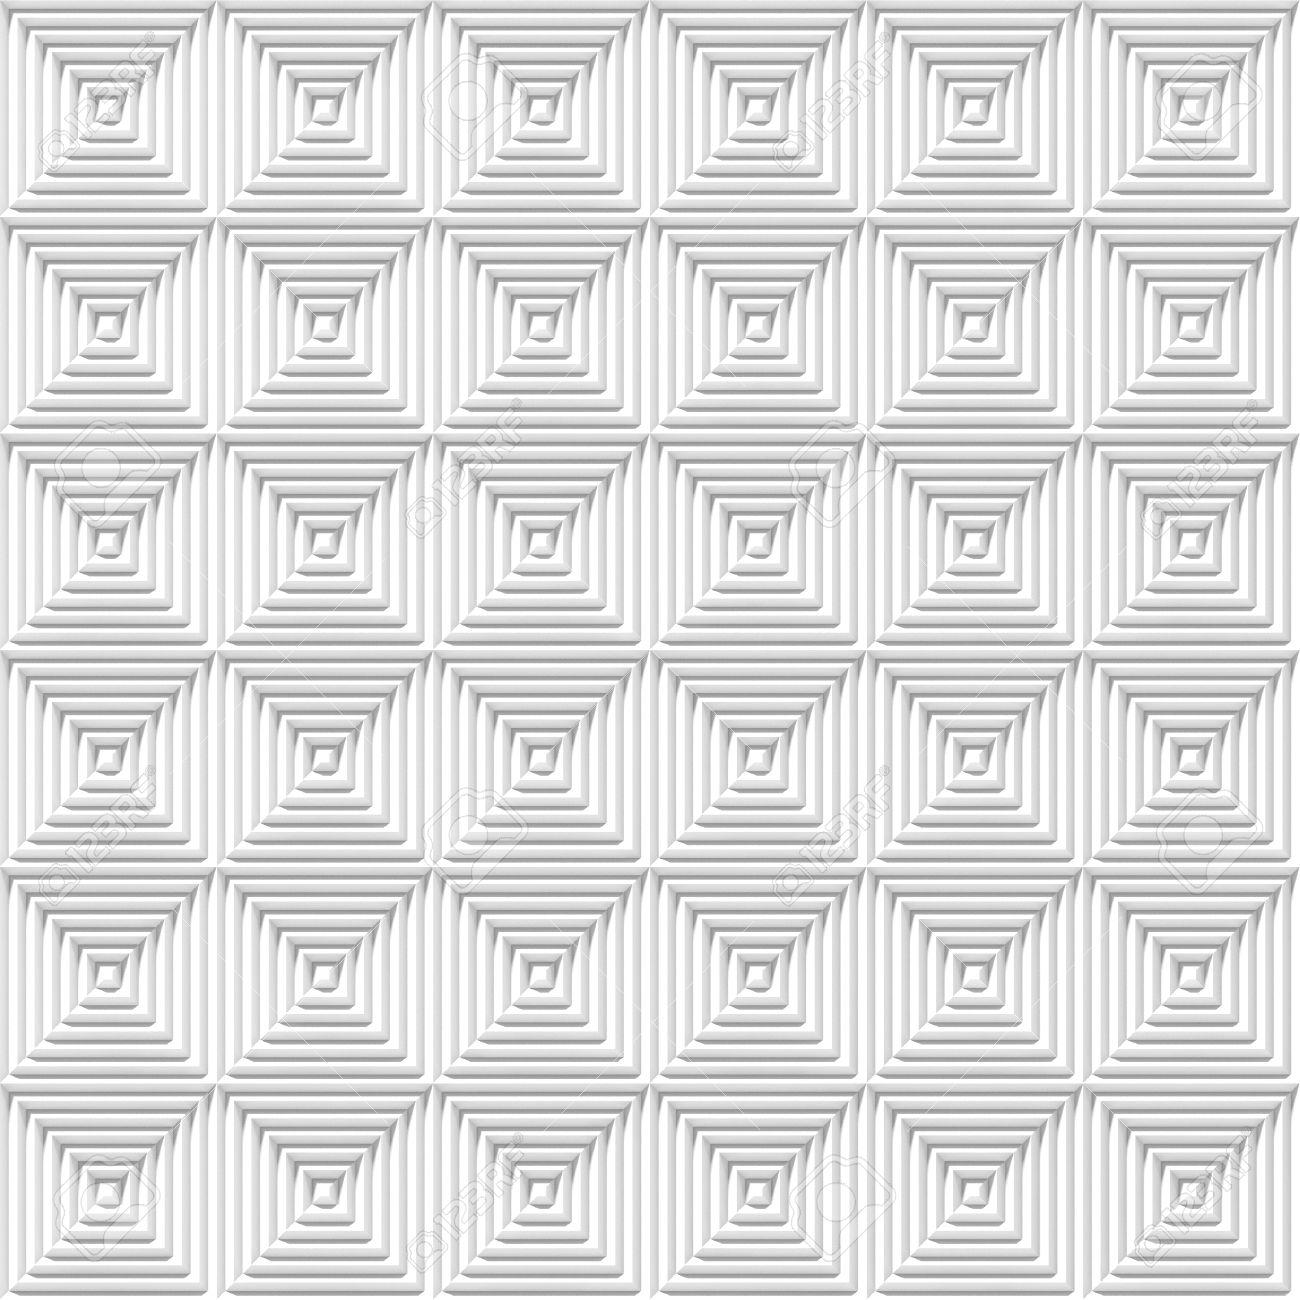 Textura Blanca Sin Costuras Gris. Fondo Moderno De La Trama. Puede ...